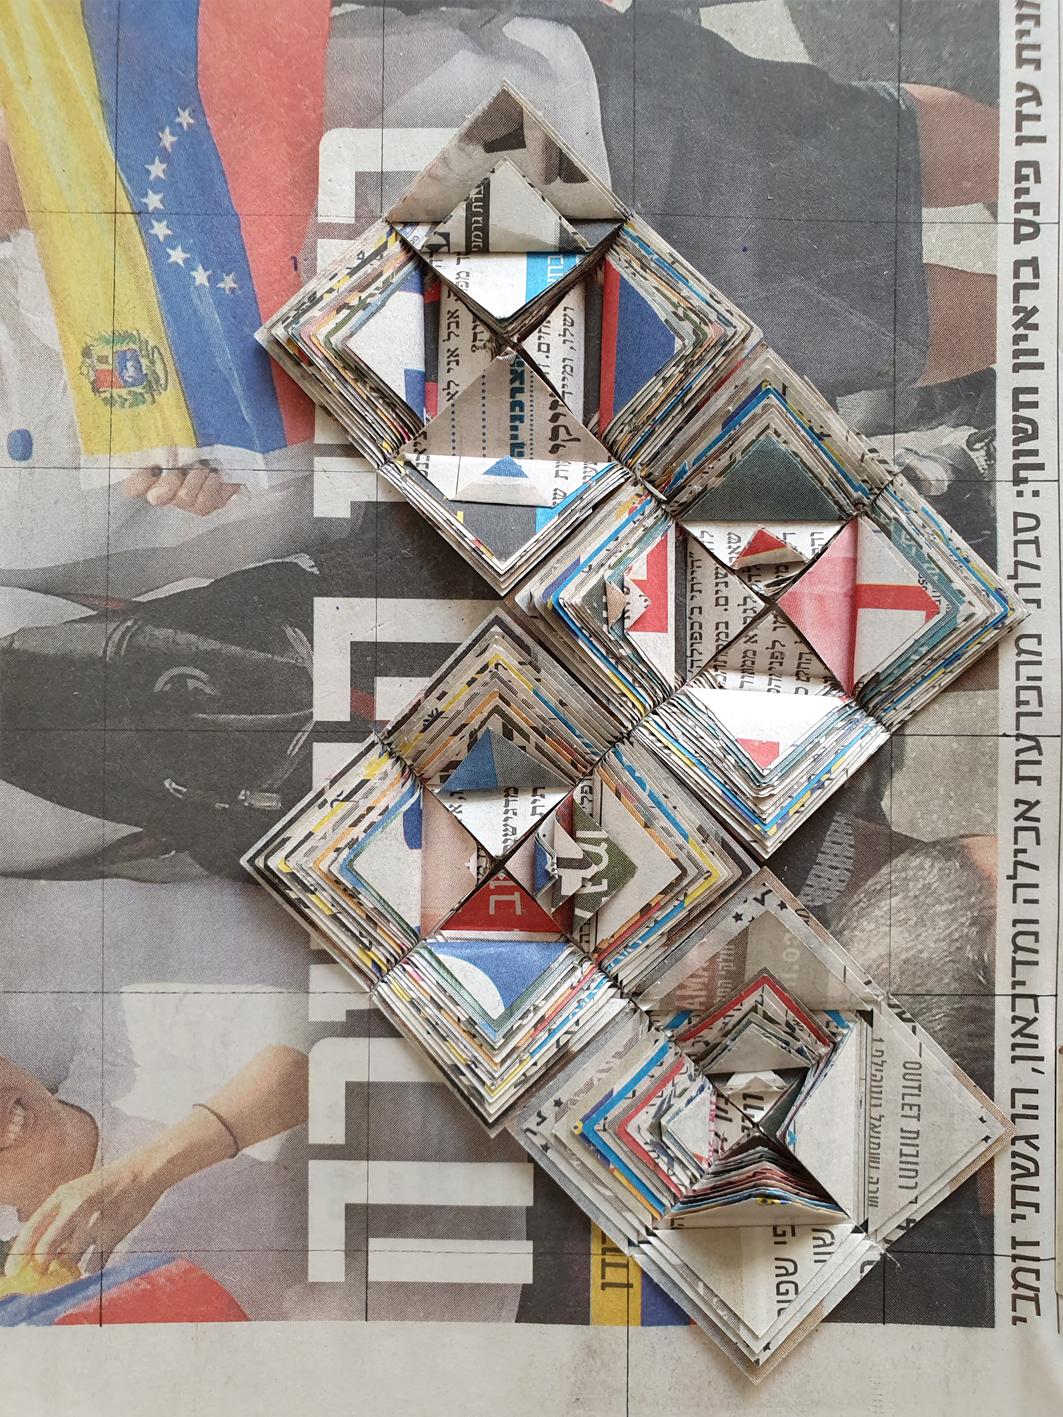 נעמי משיח 3, תצלום מירב רהט